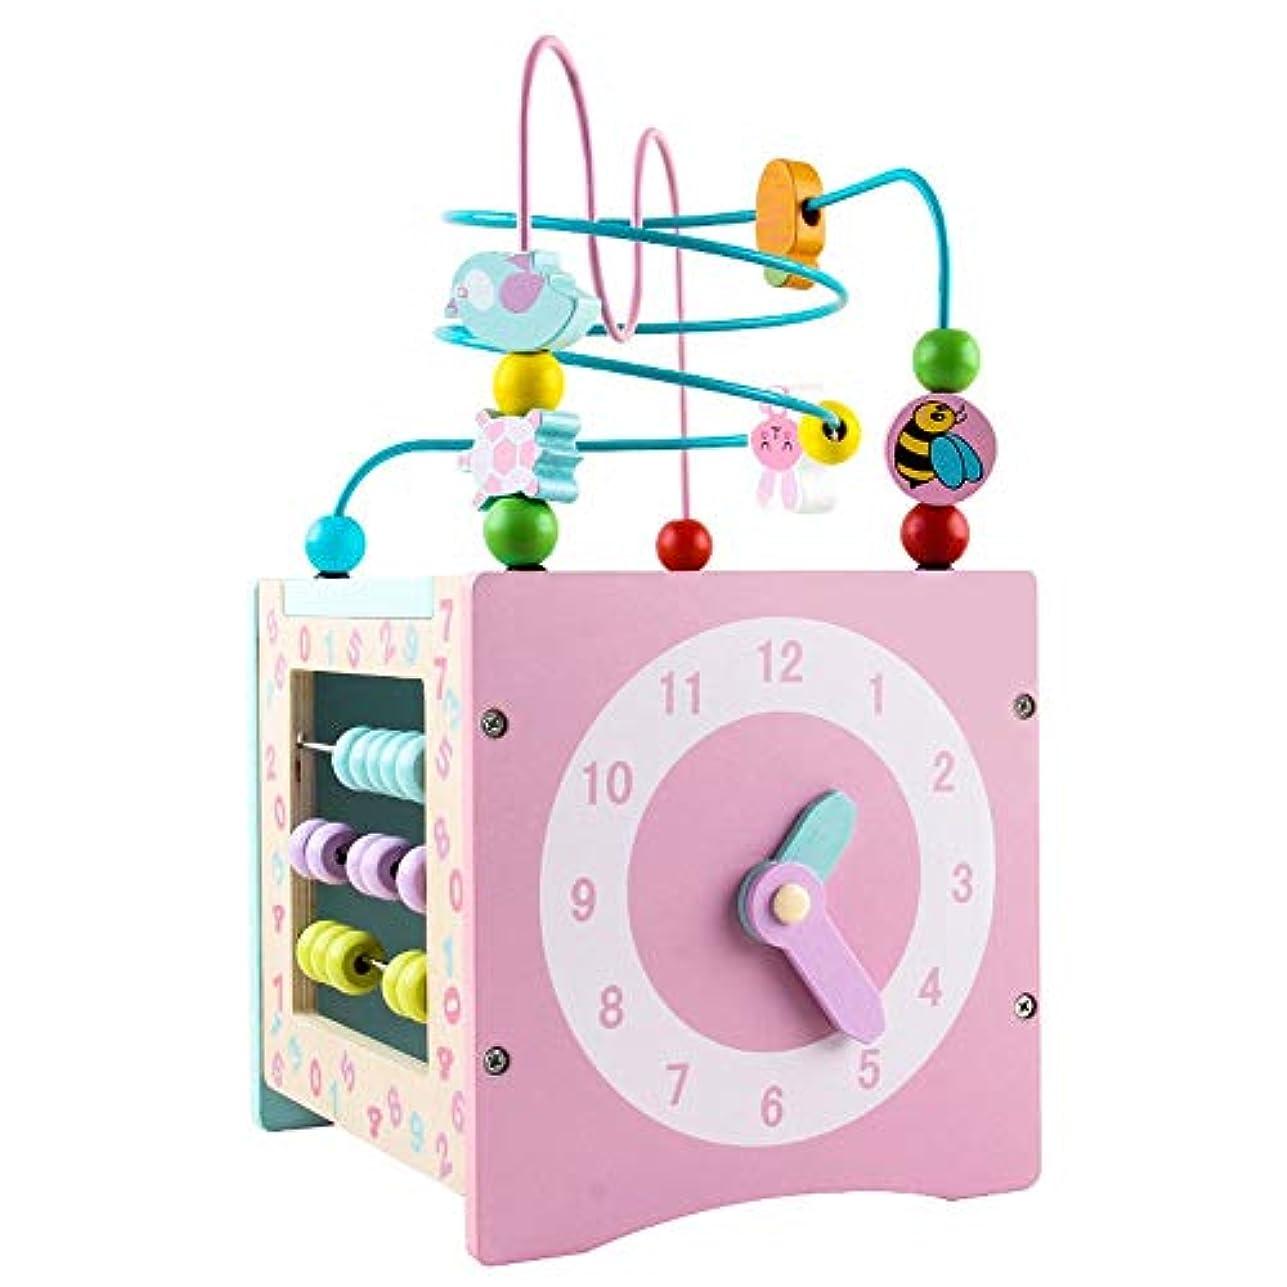 宇宙のなのでエンドウ子供 知育玩具 ビーズ迷路ベビー玩具、Multifuncation教育活動おもちゃ、アーリー?ラーニング活動キューブおもちゃ、キッズビーズ迷路のおもちゃ 早期開発 男の子 女の子 誕生日のプレゼント (Color : Multi-colored, Size : Free size)